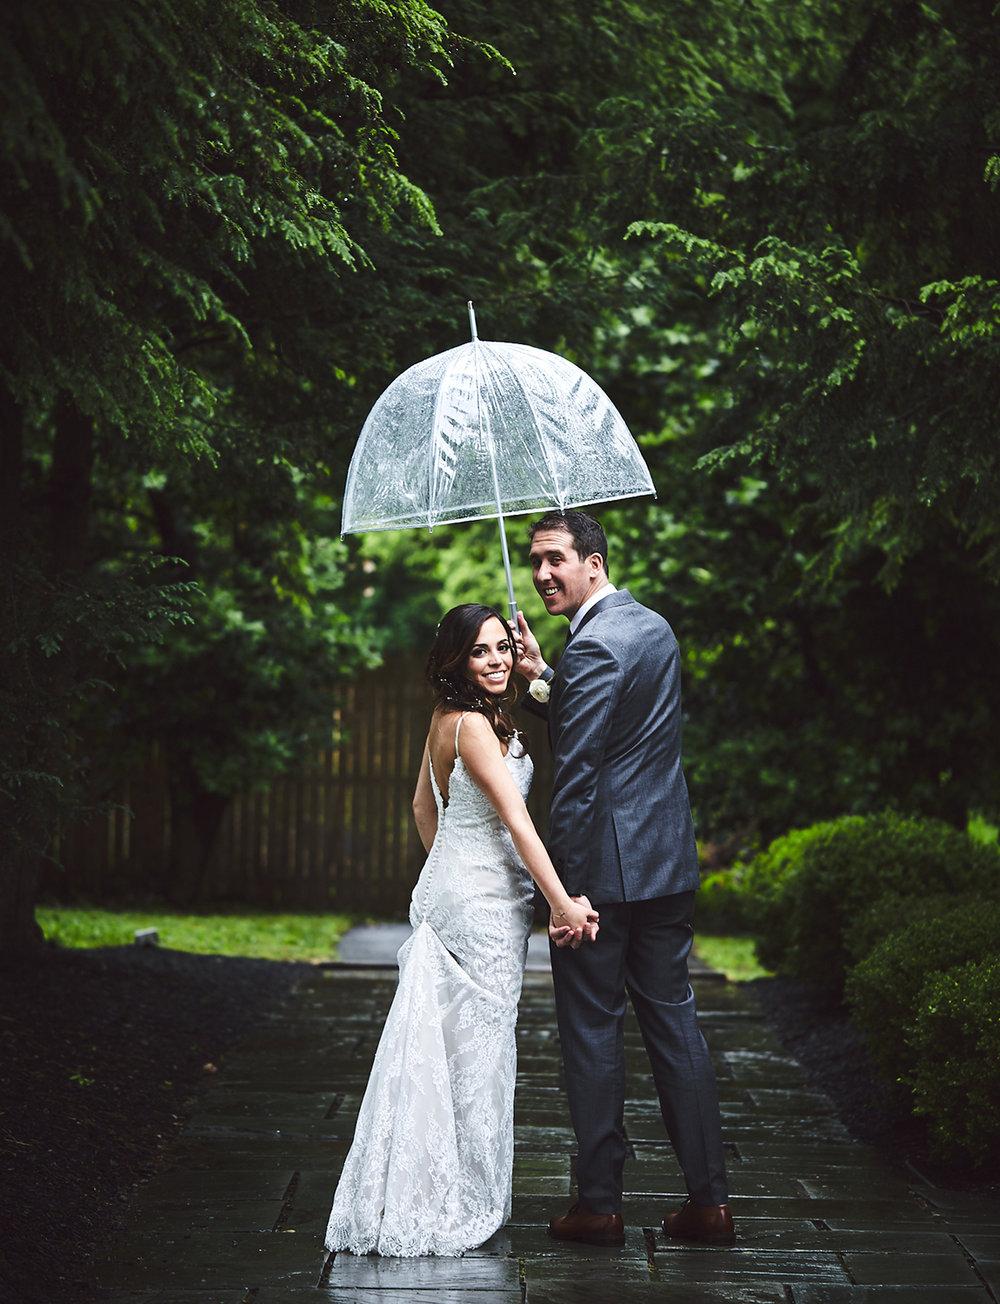 180610_TheRylandInnWeddingPhotography_RainyWeddingPhotography_By_BriJohnsonWeddings_0137.jpg